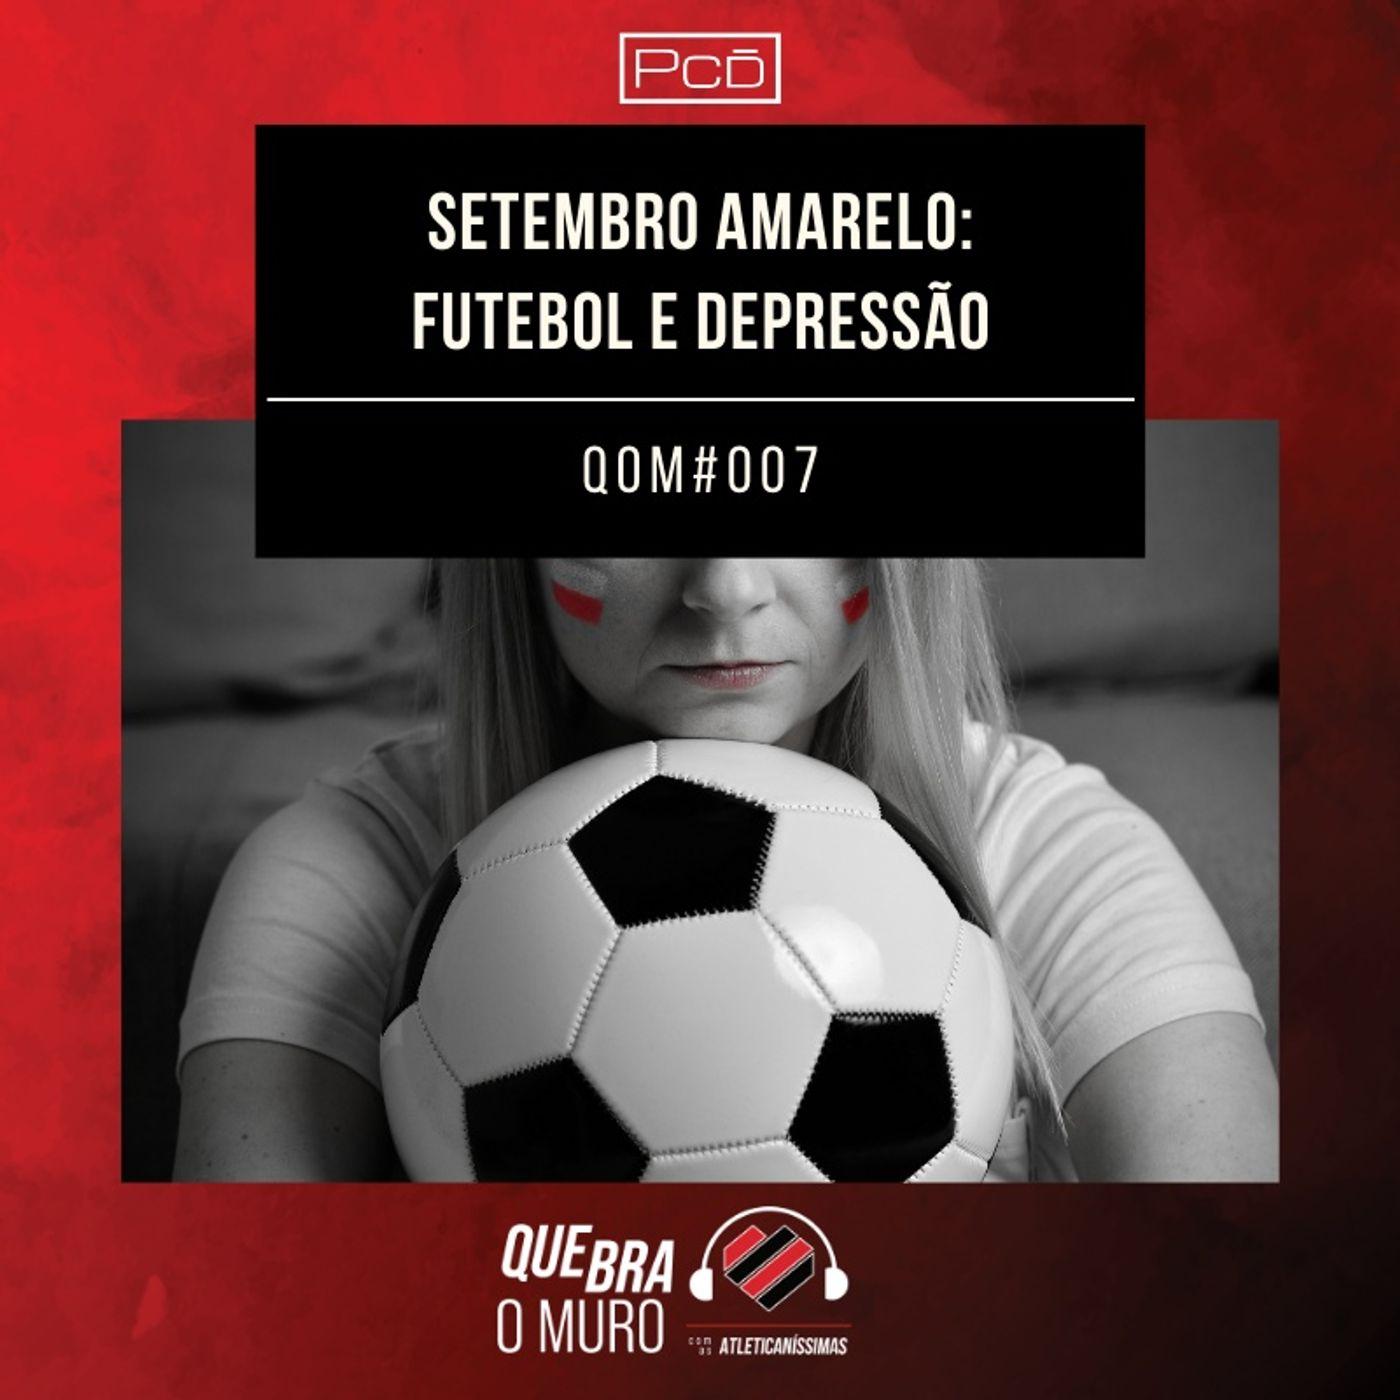 #007 - SETEMBRO AMARELO: FUTEBOL E DEPRESSÃO